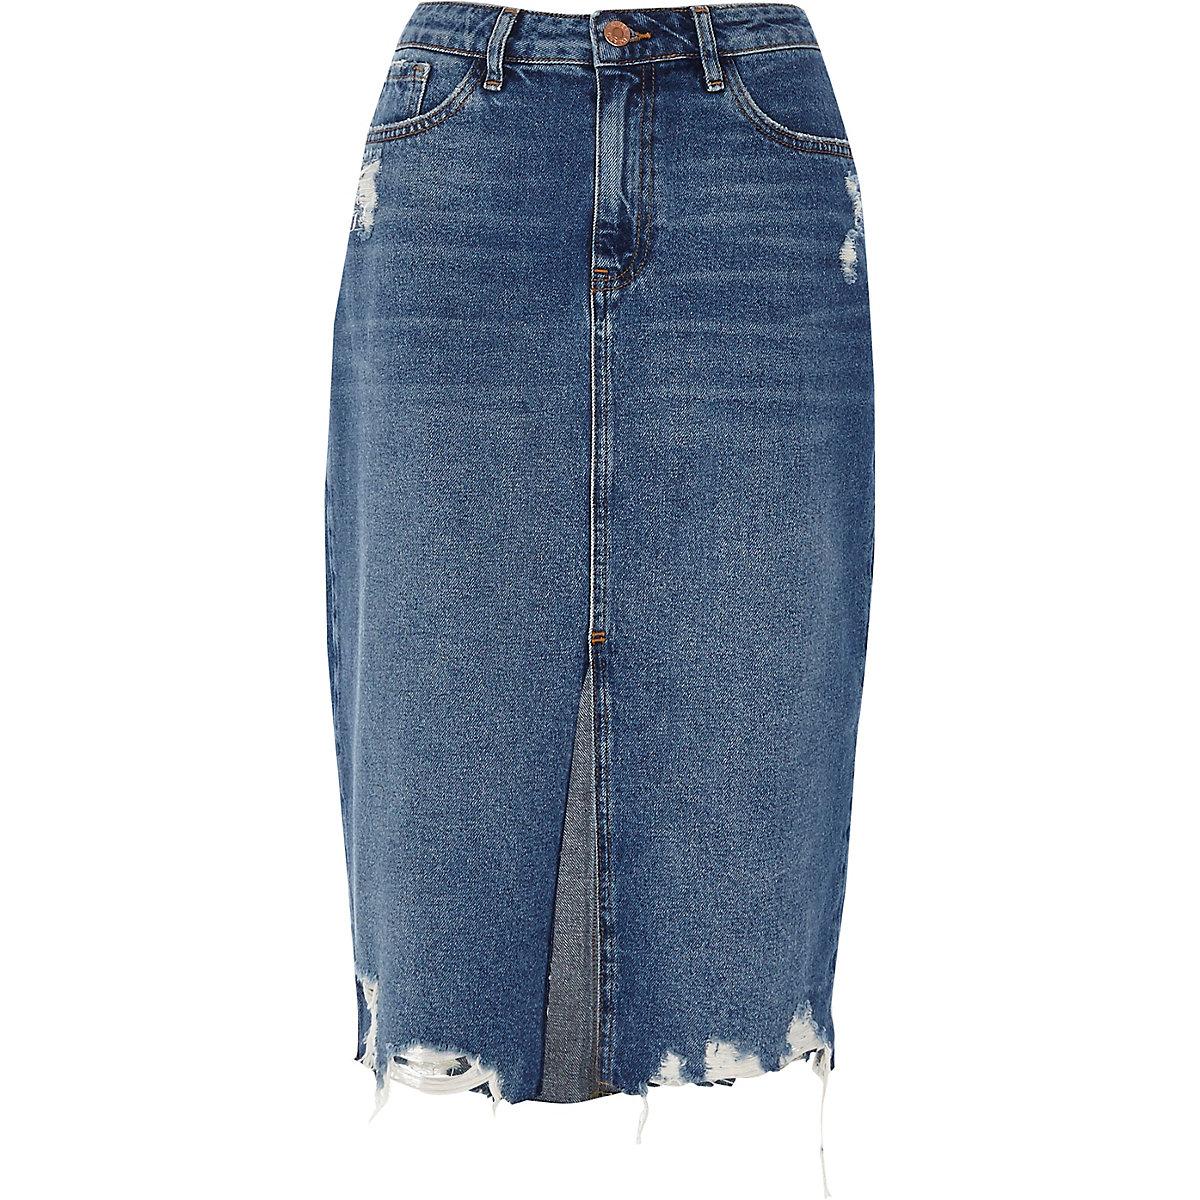 Mid blue denim distressed hem pencil skirt